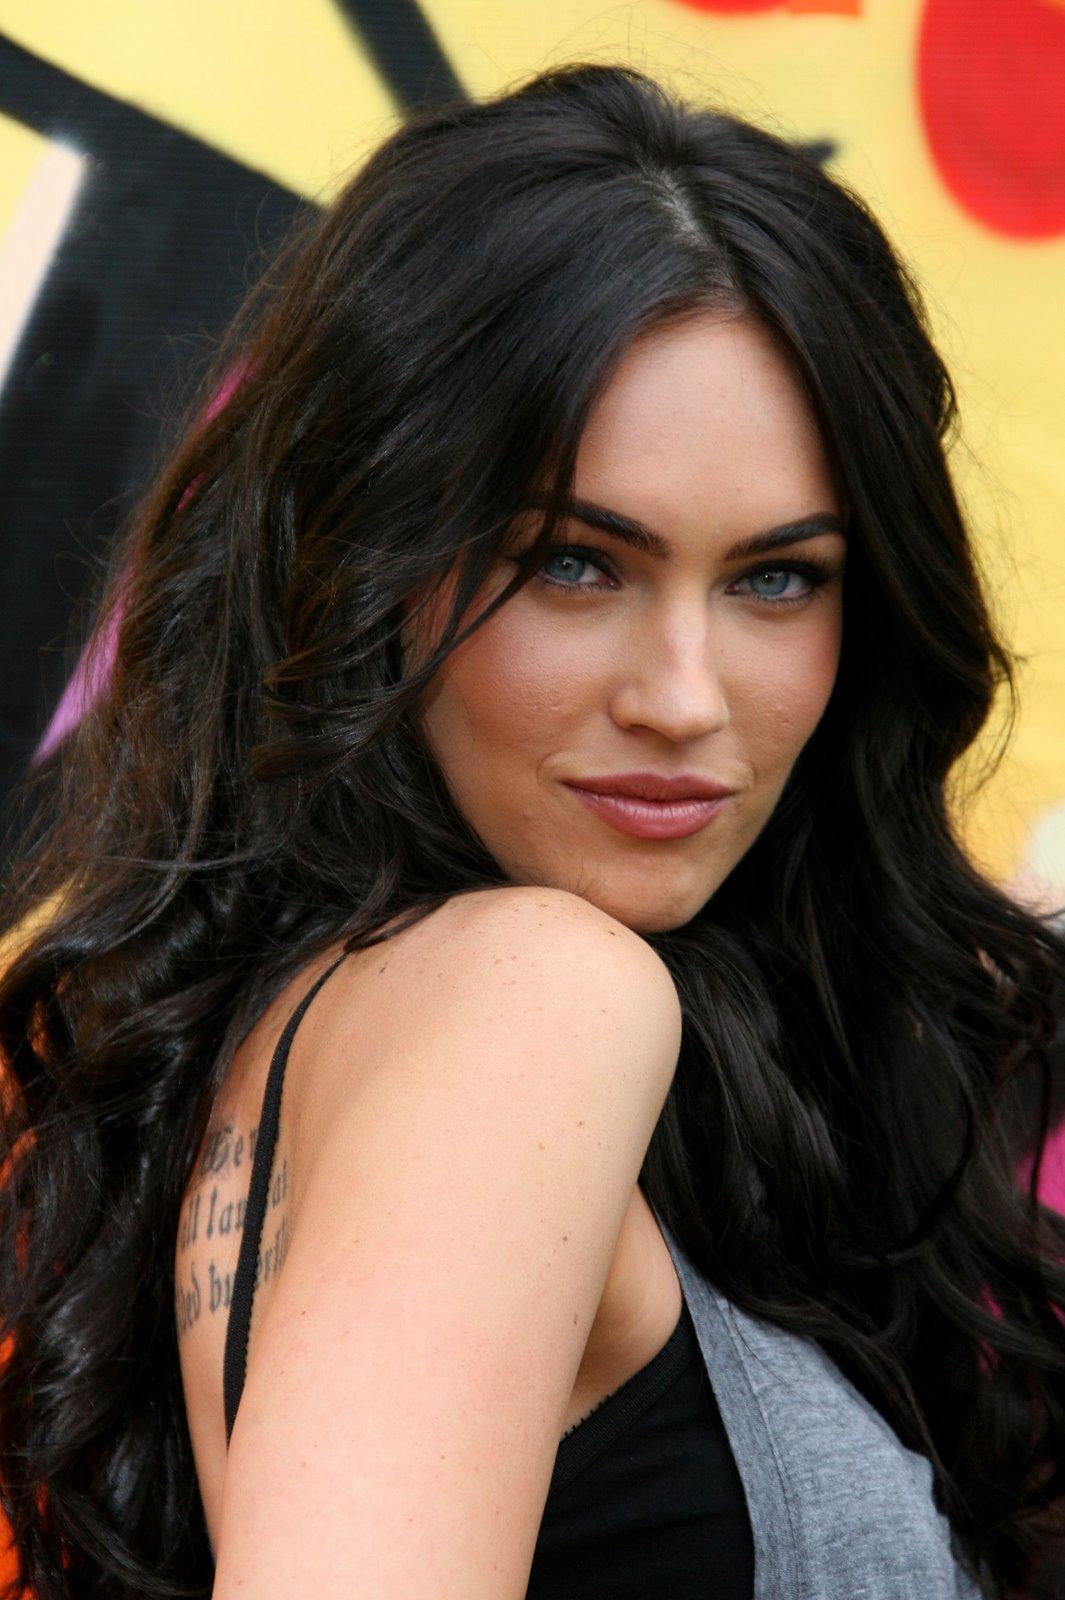 http://4.bp.blogspot.com/_jcLmI_ZzqII/TOhOPs1Io_I/AAAAAAAAAPE/hl24Q-8ZuUw/s1600/Megan+Fox+6.jpg